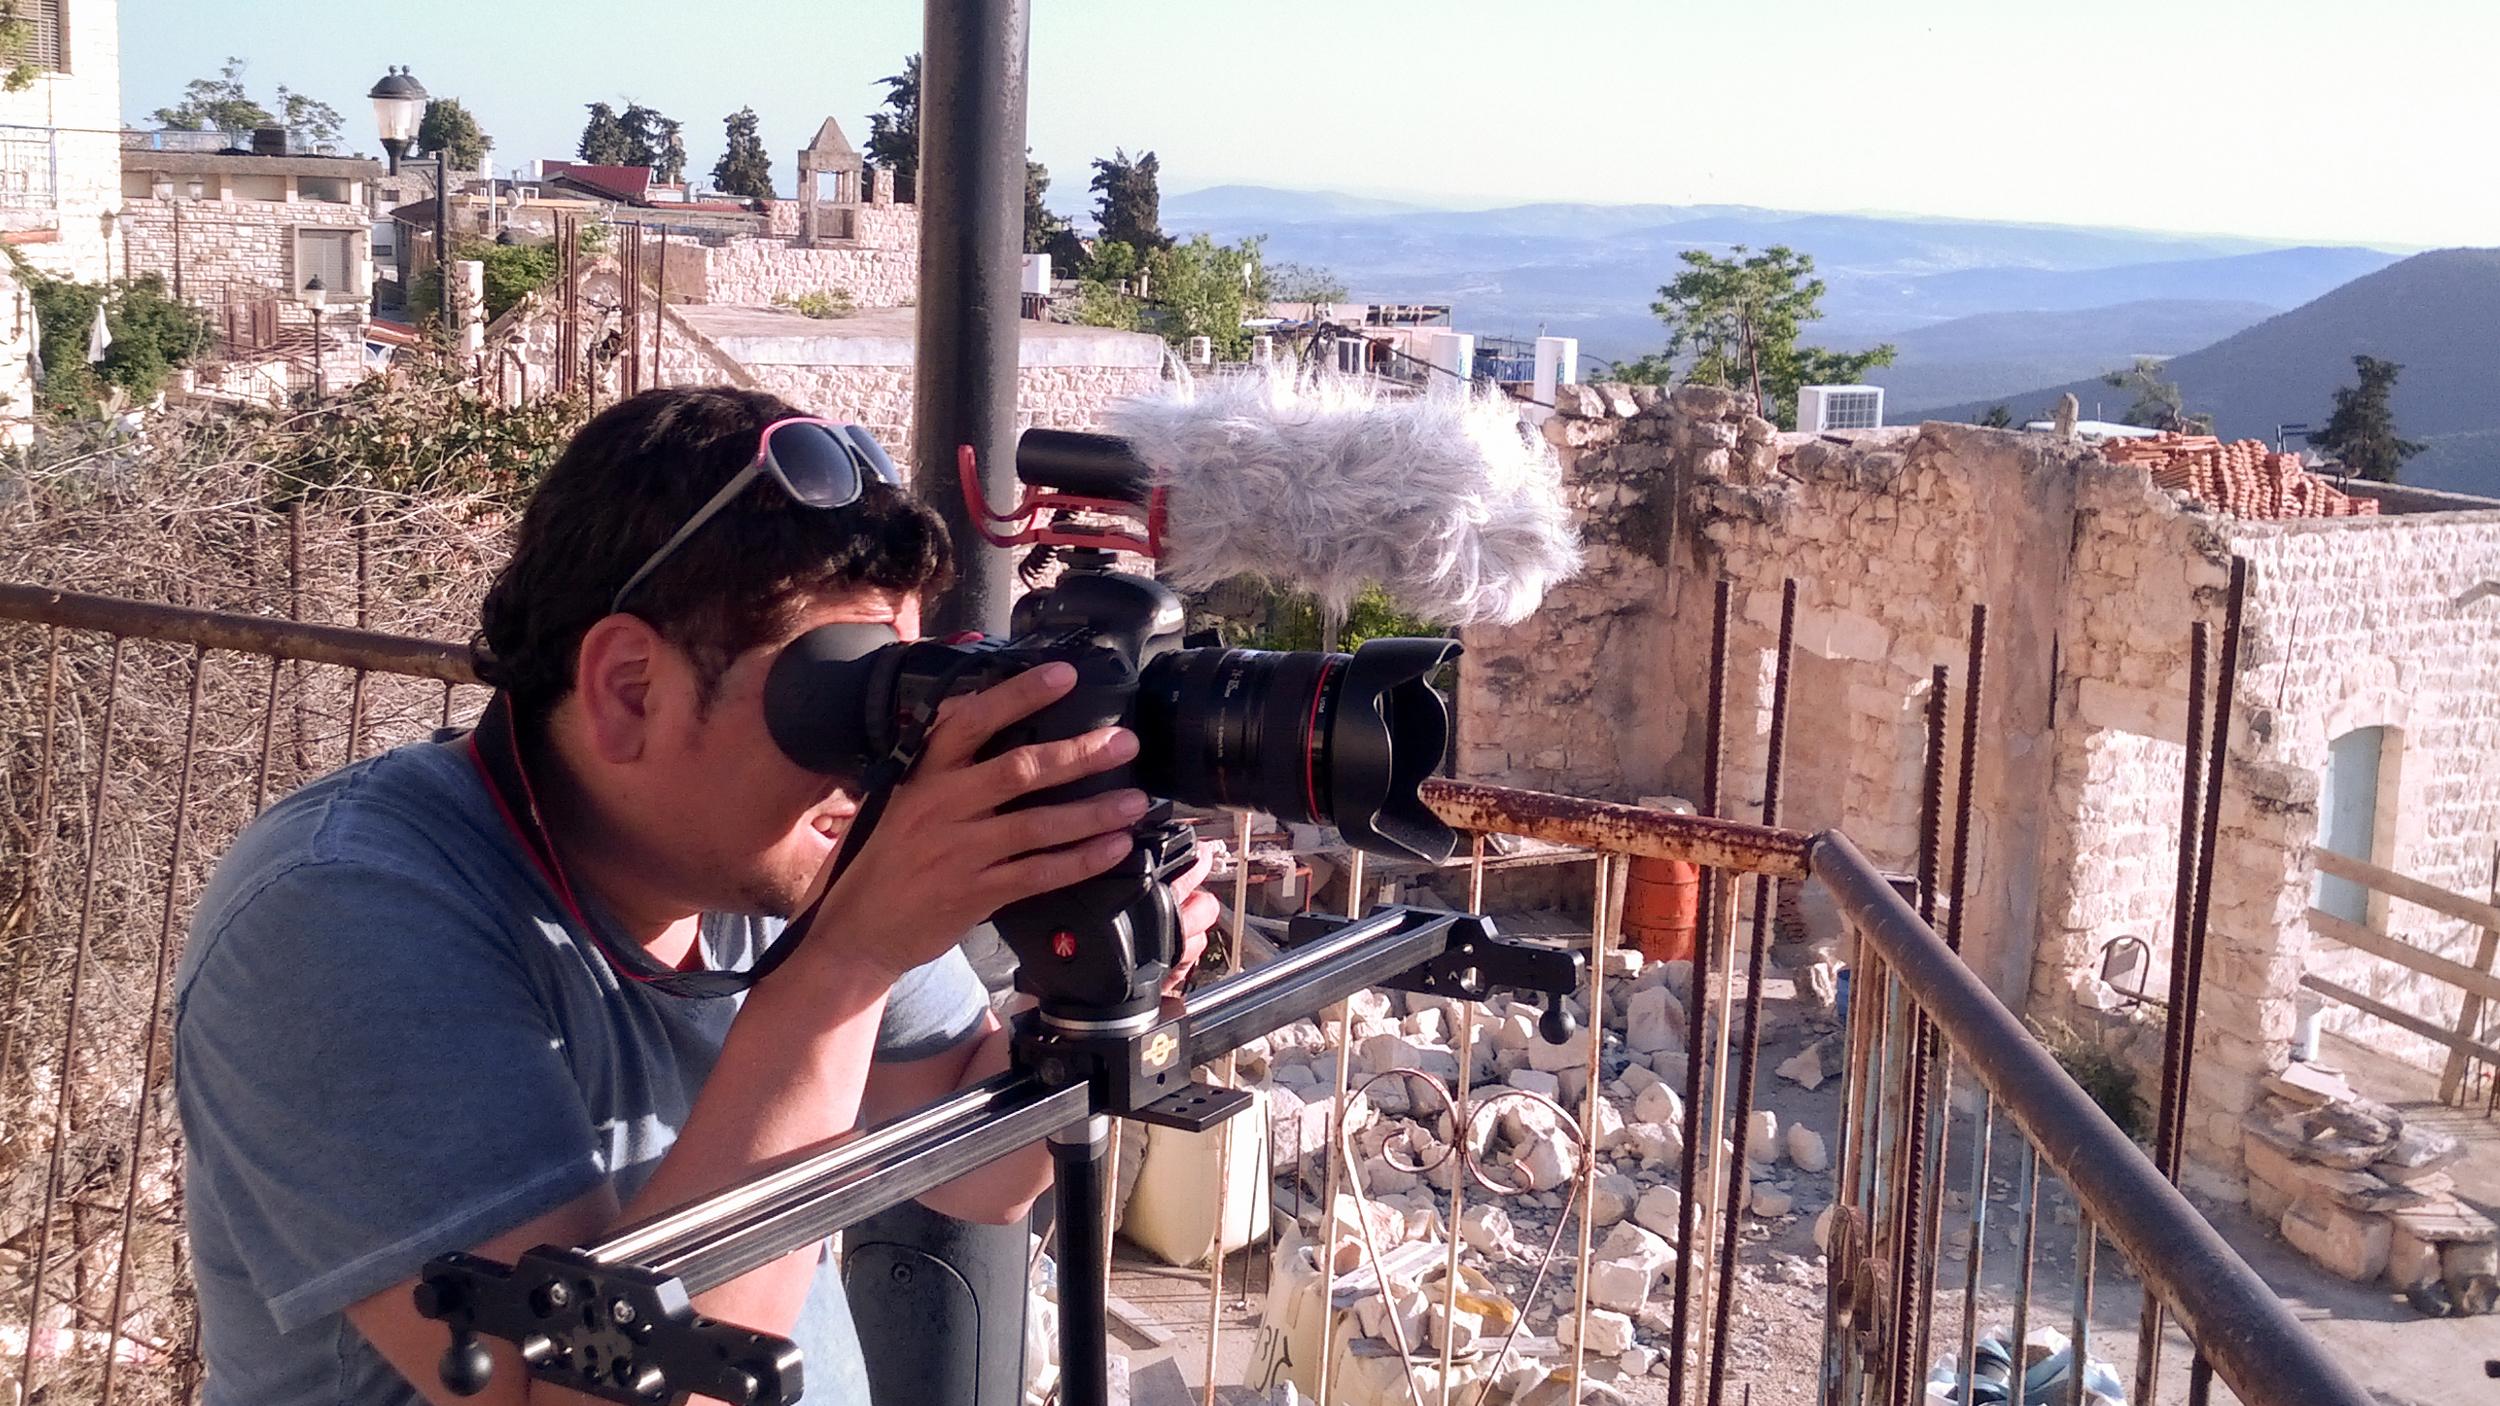 Filming in Svat, Israel